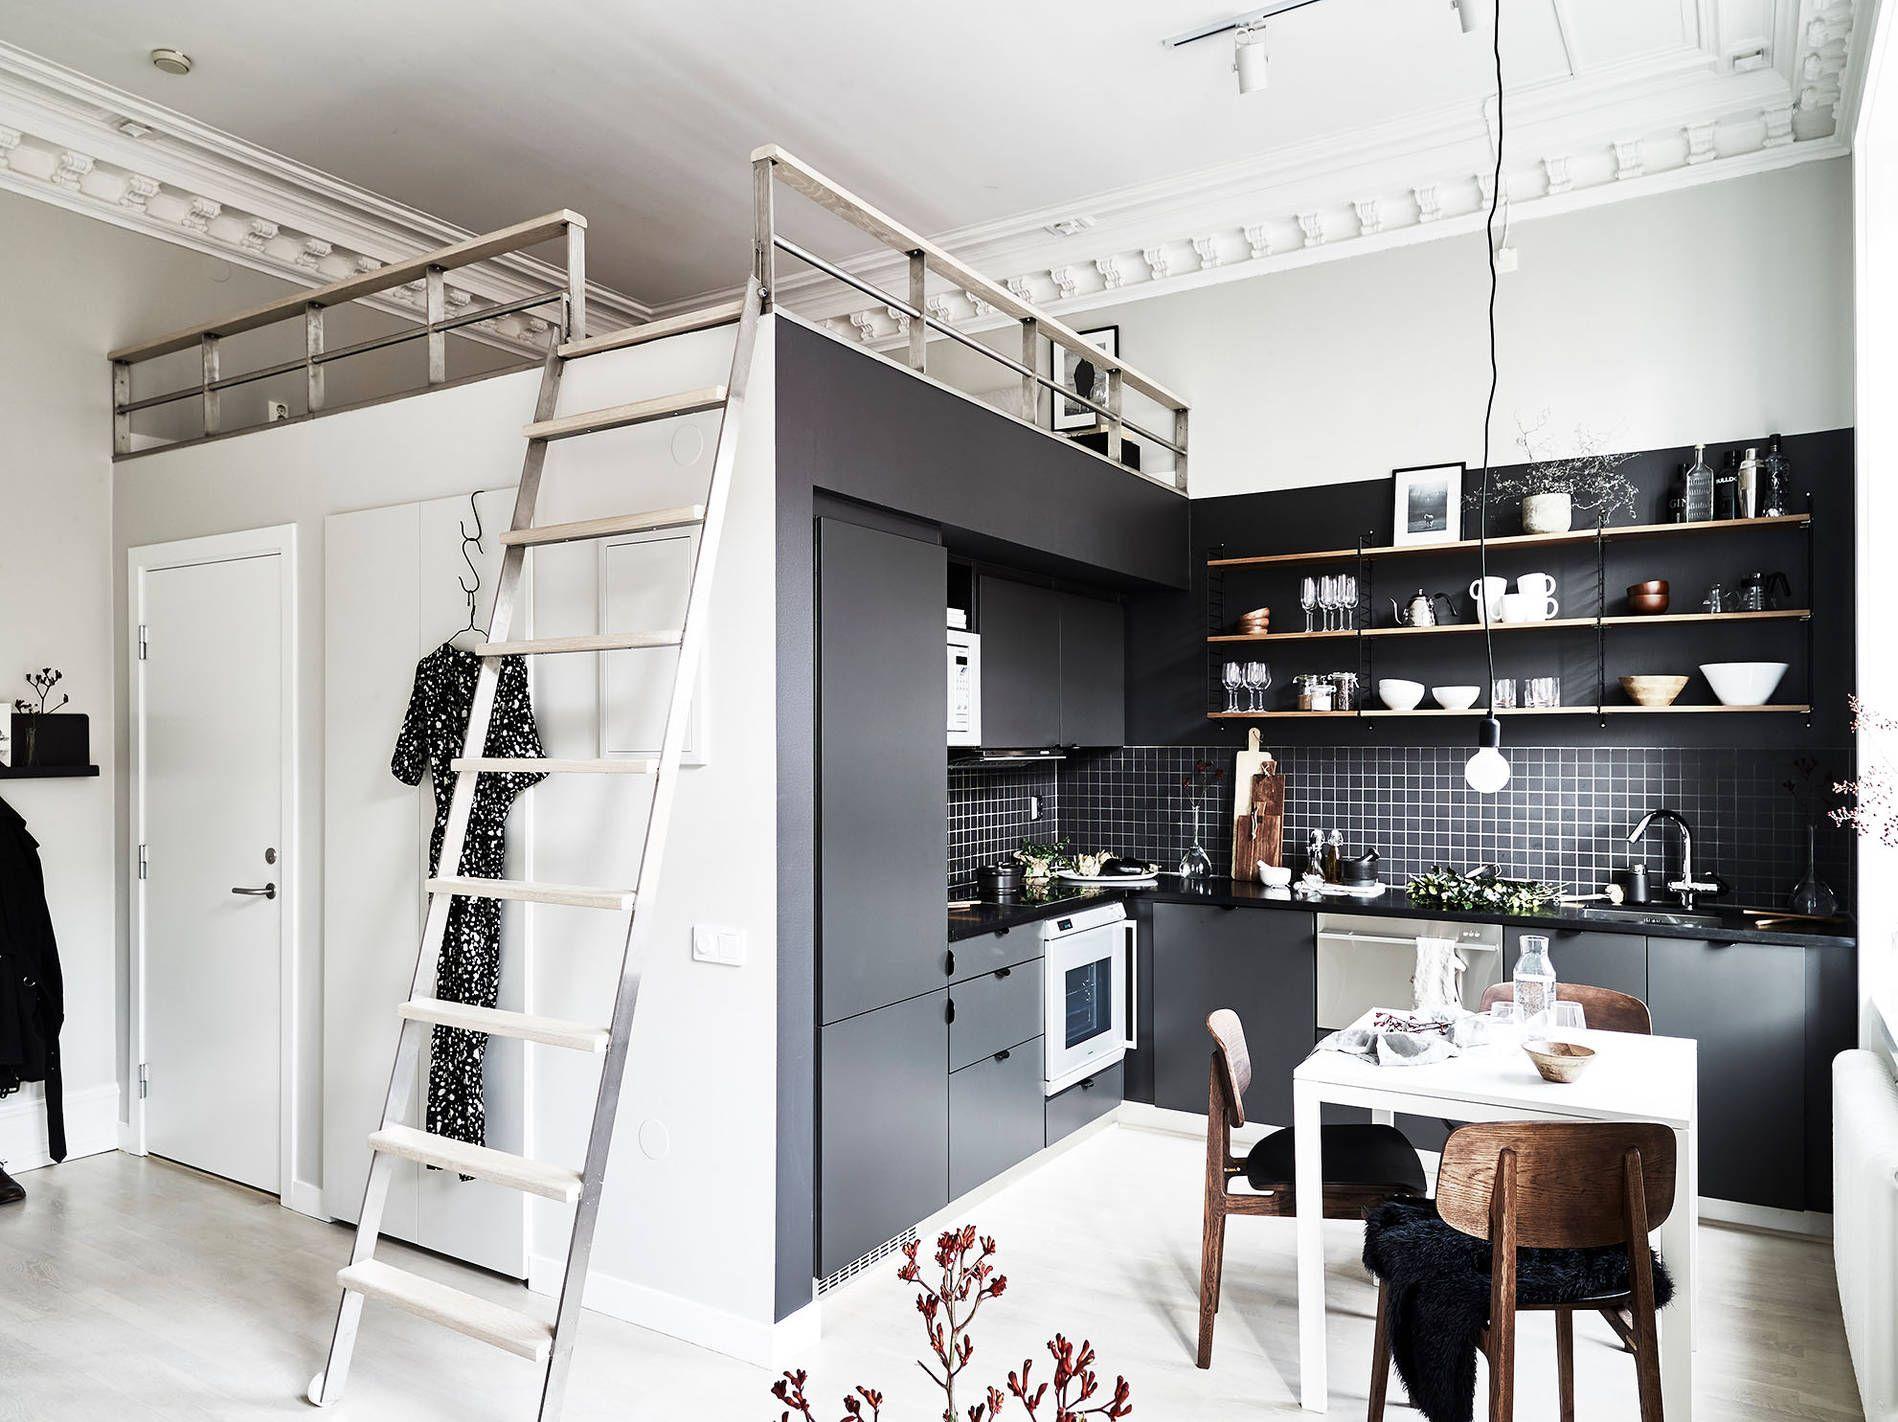 Kleine Wohnung clever einrichten. Mit Hochbett Platz sparen ...